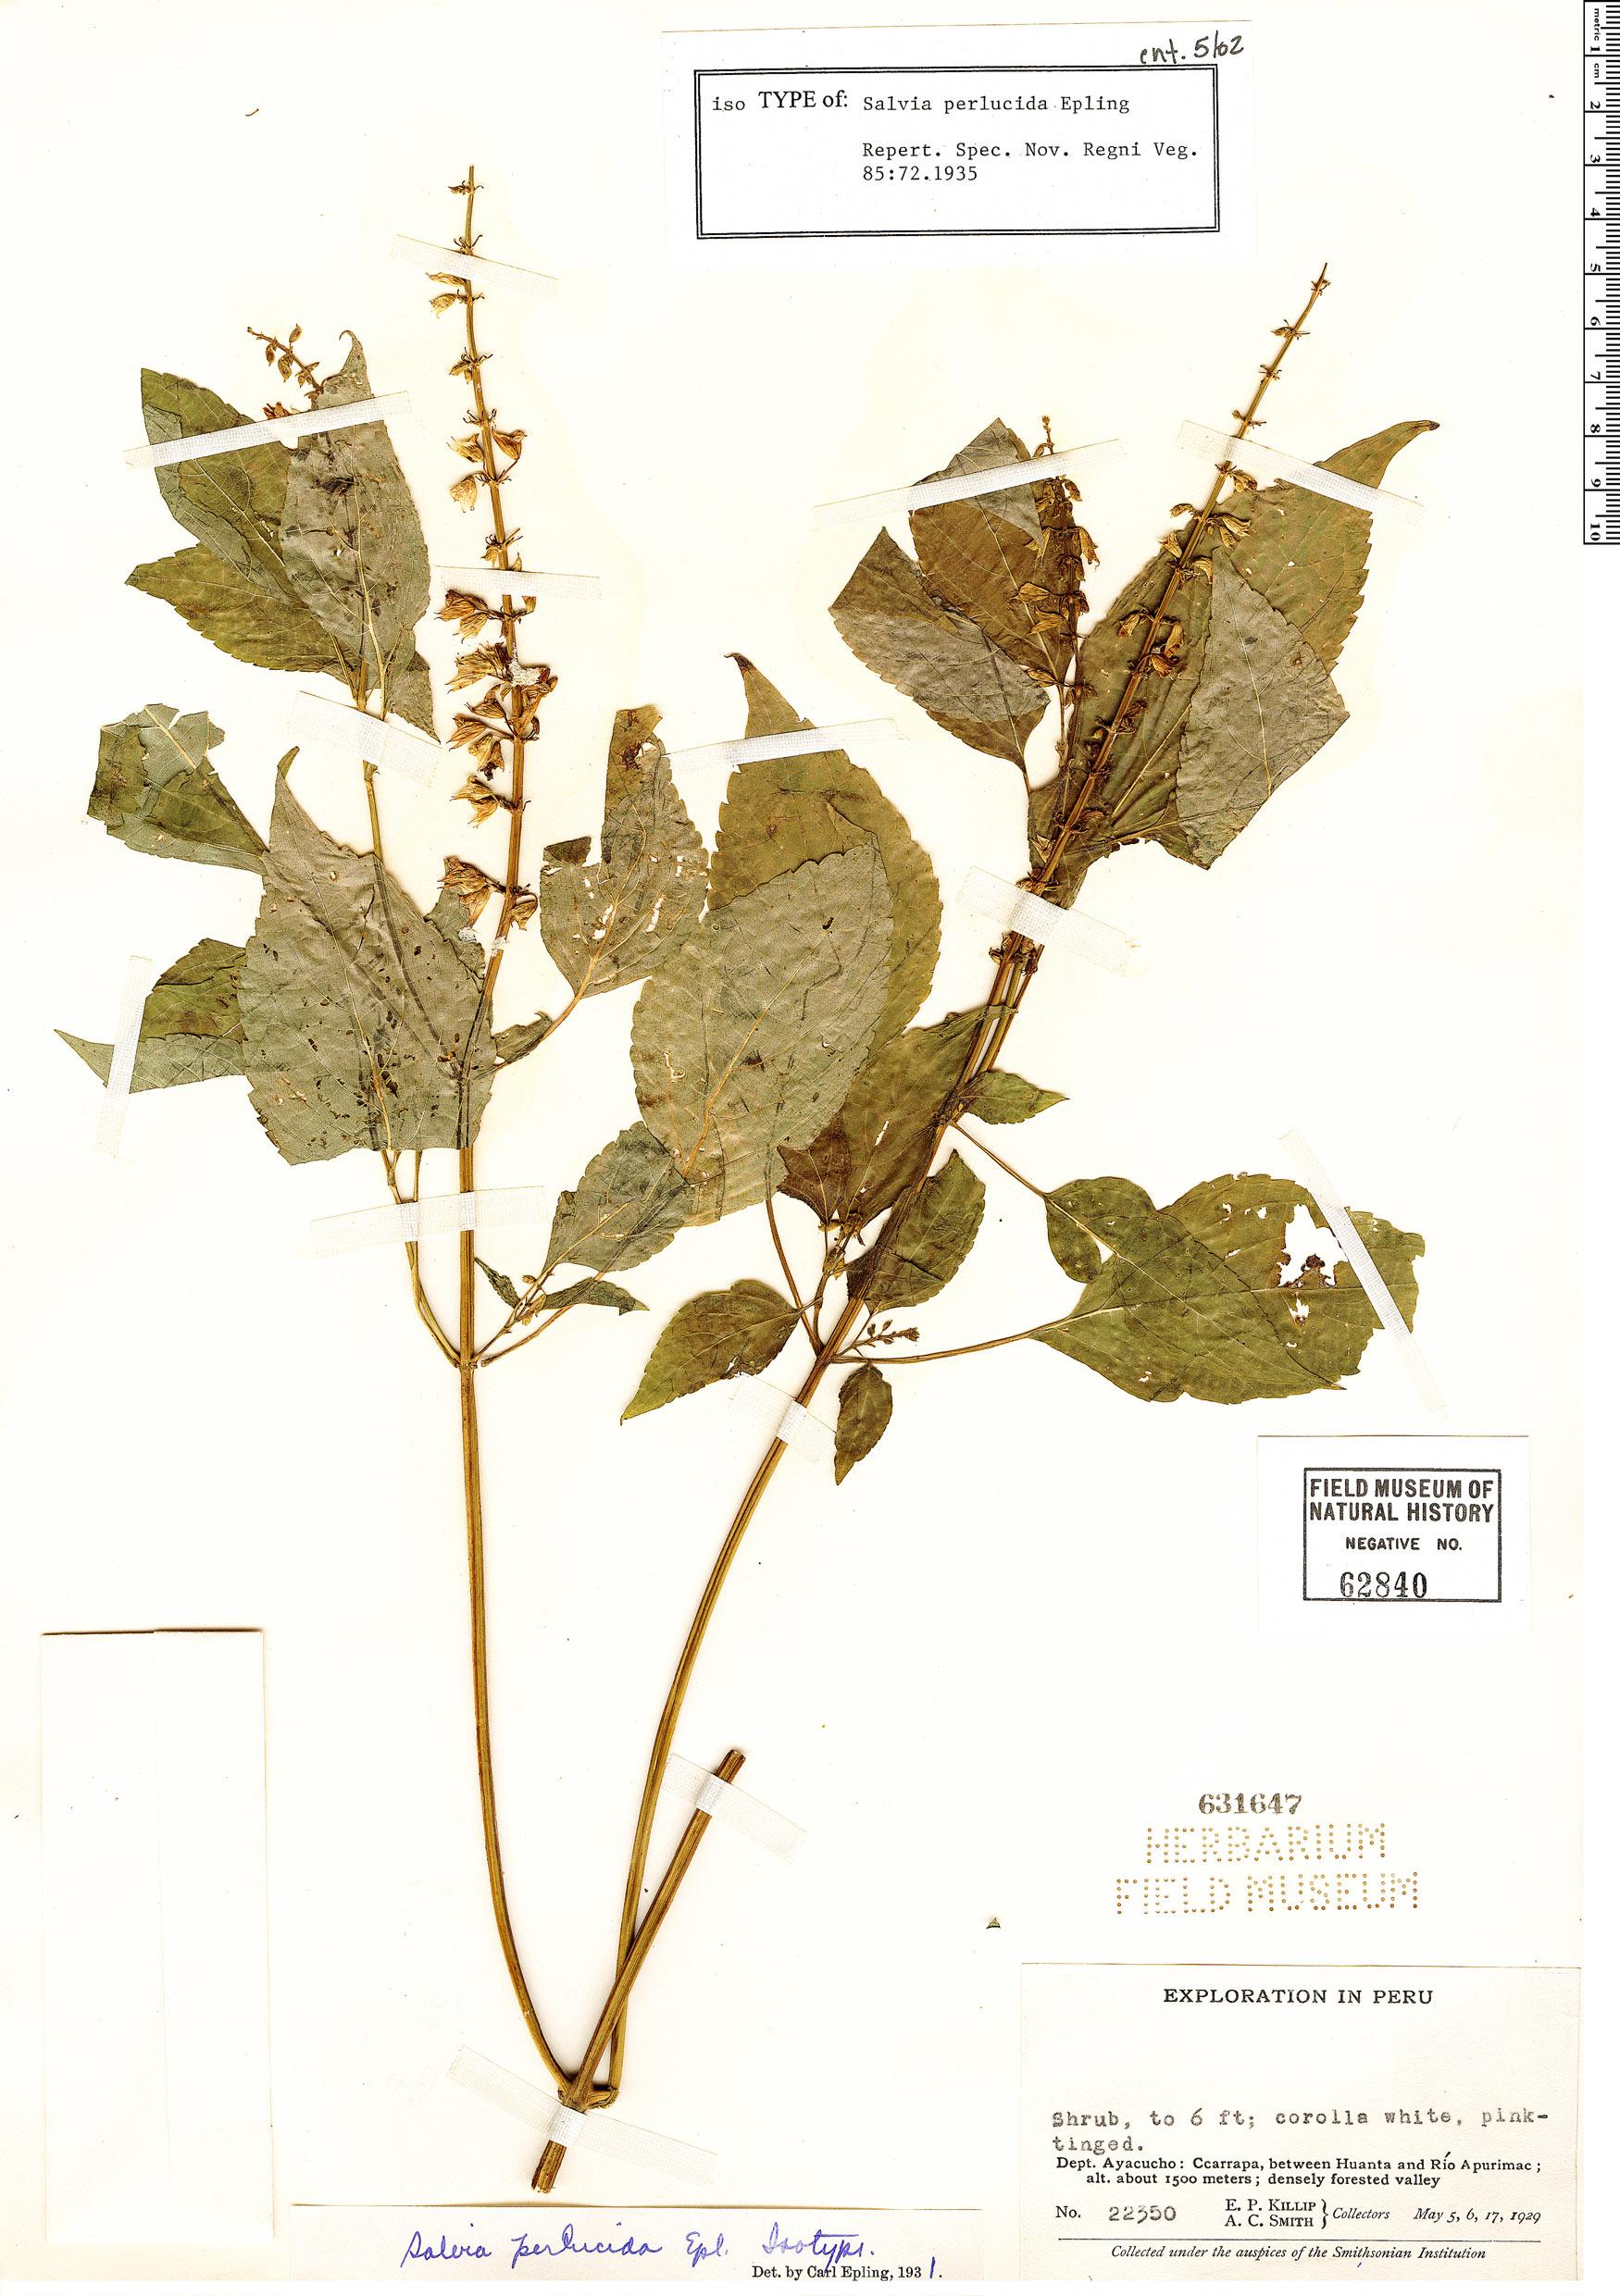 Specimen: Salvia perlucida